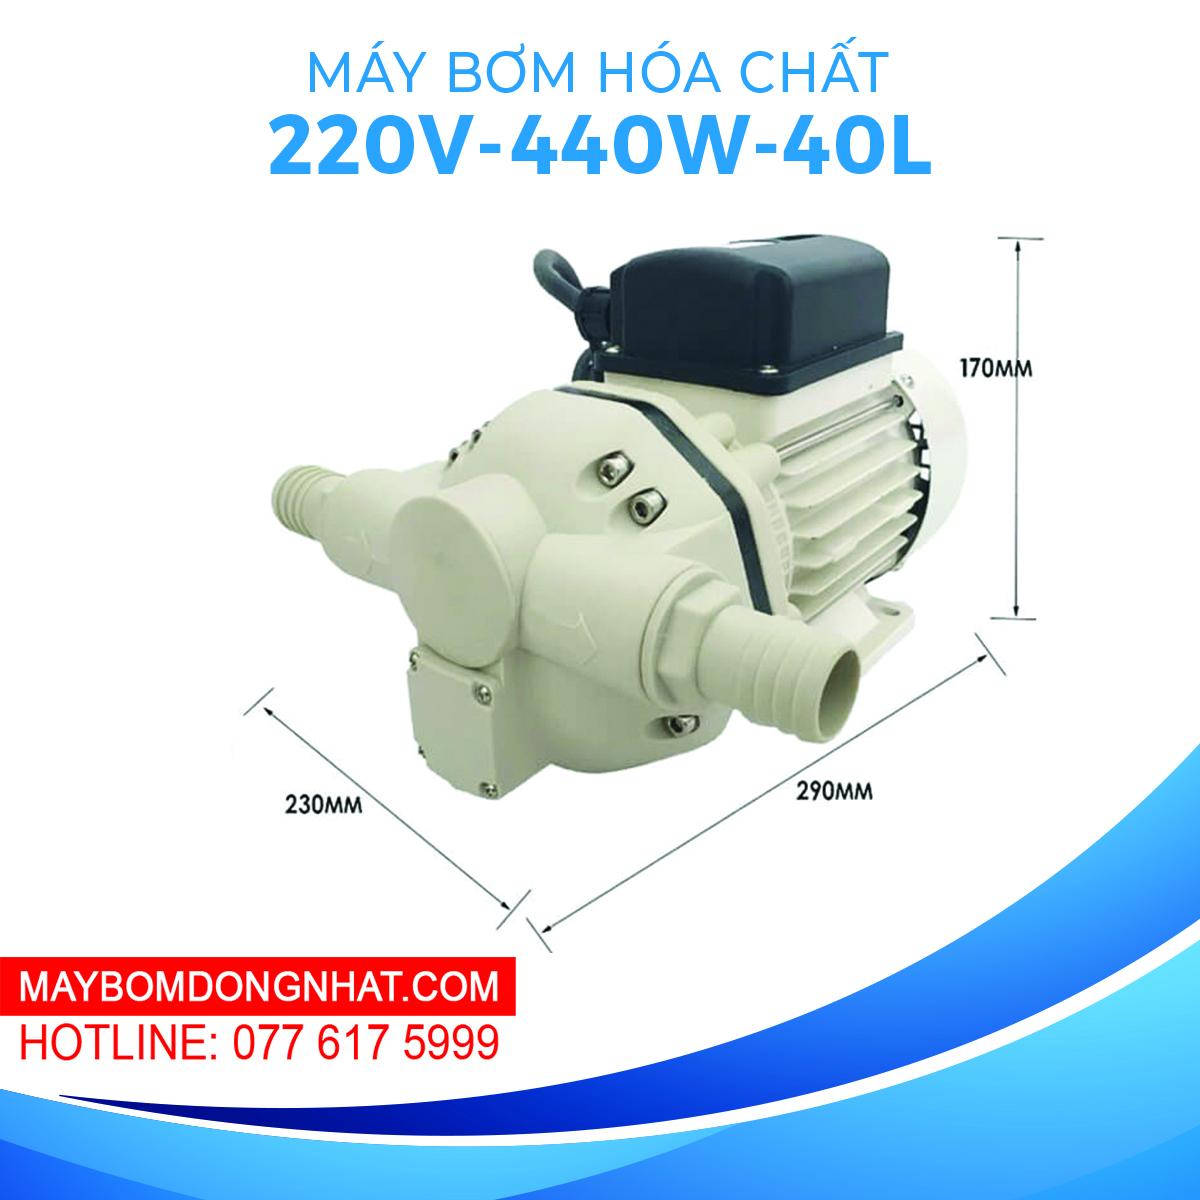 Máy bơm hóa chất SingFlo FL-540 220V 440W 40L